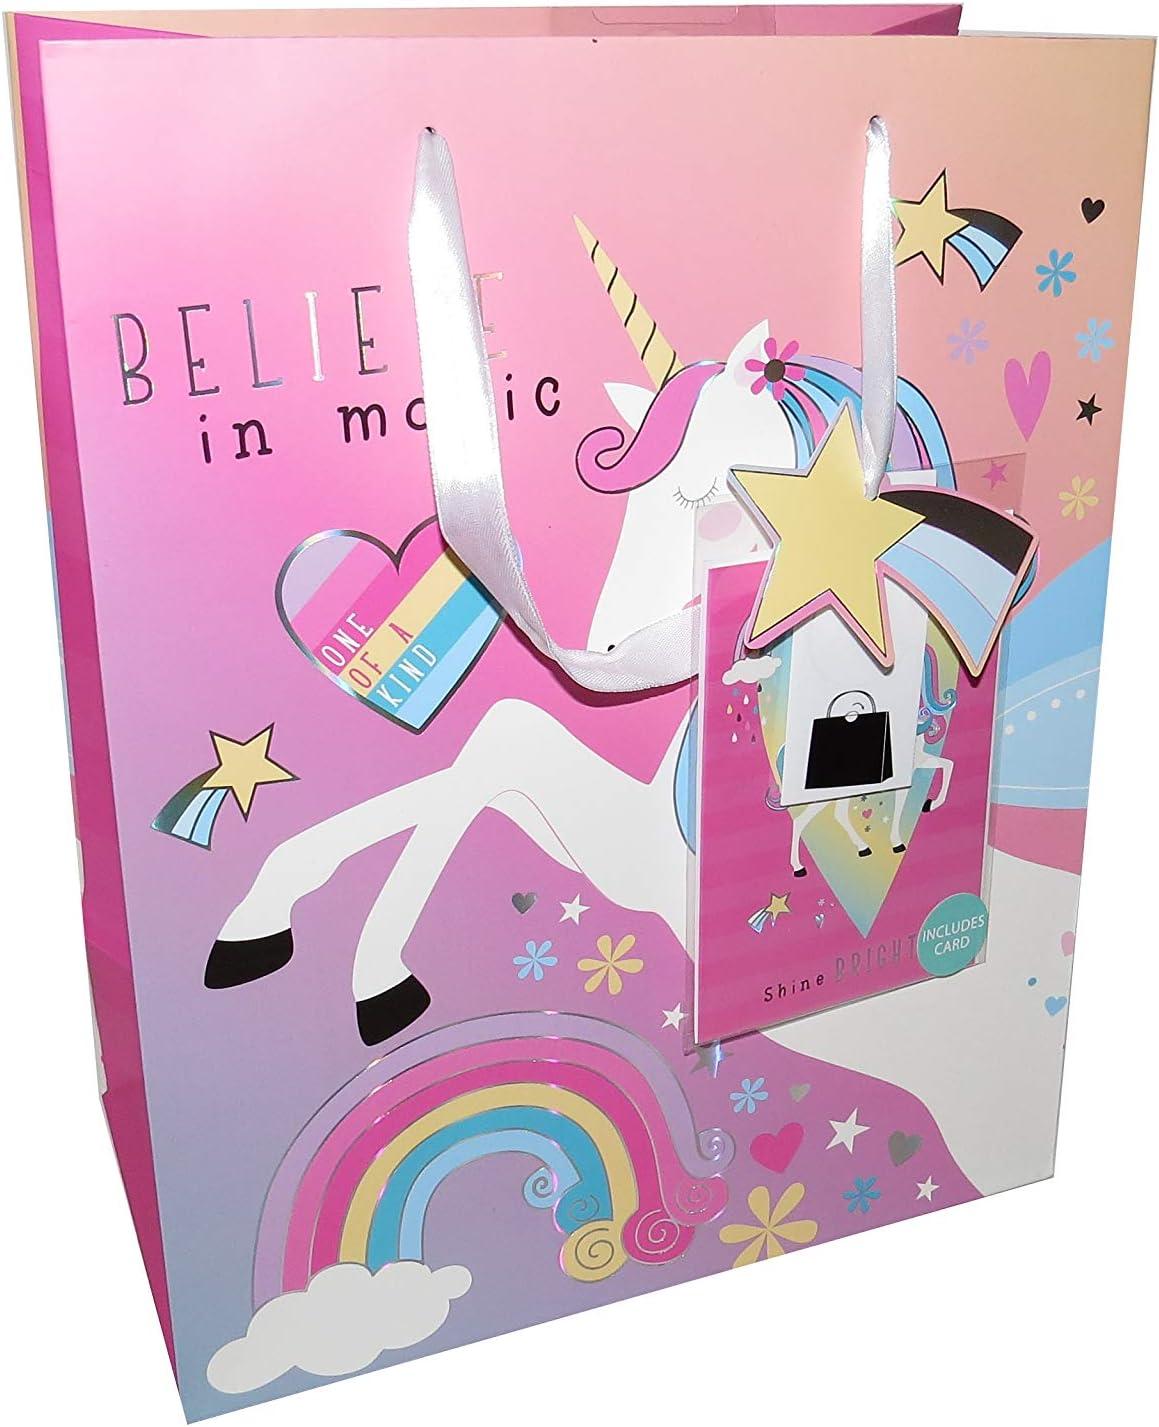 X6 grandi sacchetti regalo di carta con unicorno Believe in Magic con etichette regalo e biglietto di compleanno per bambini